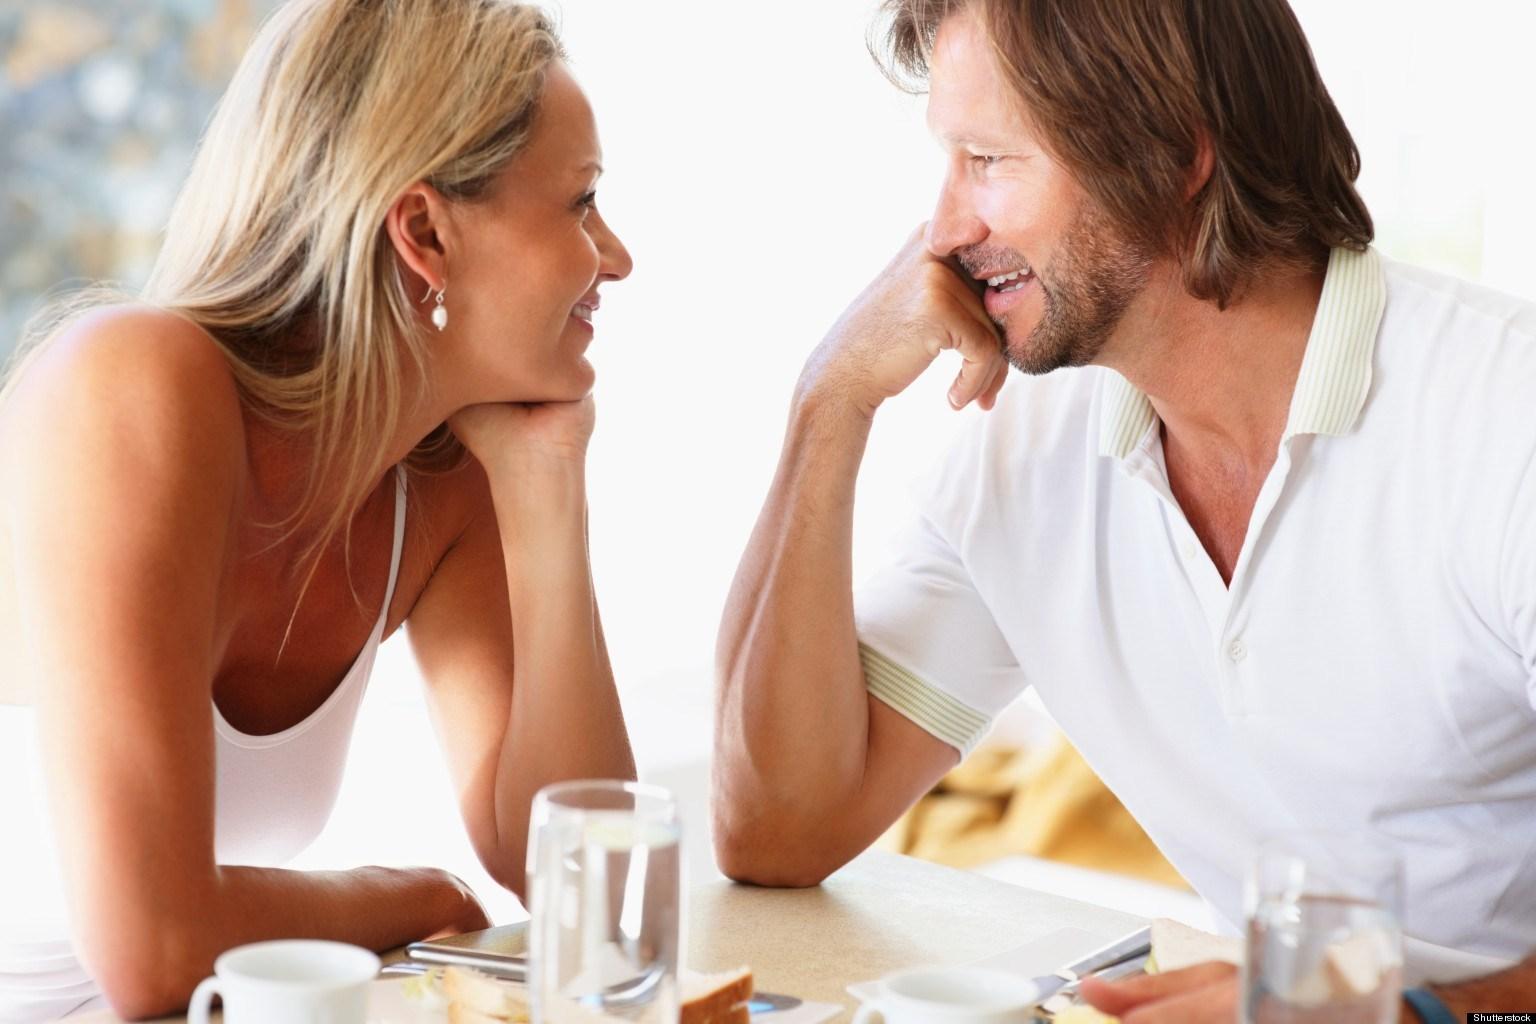 denver dating scene